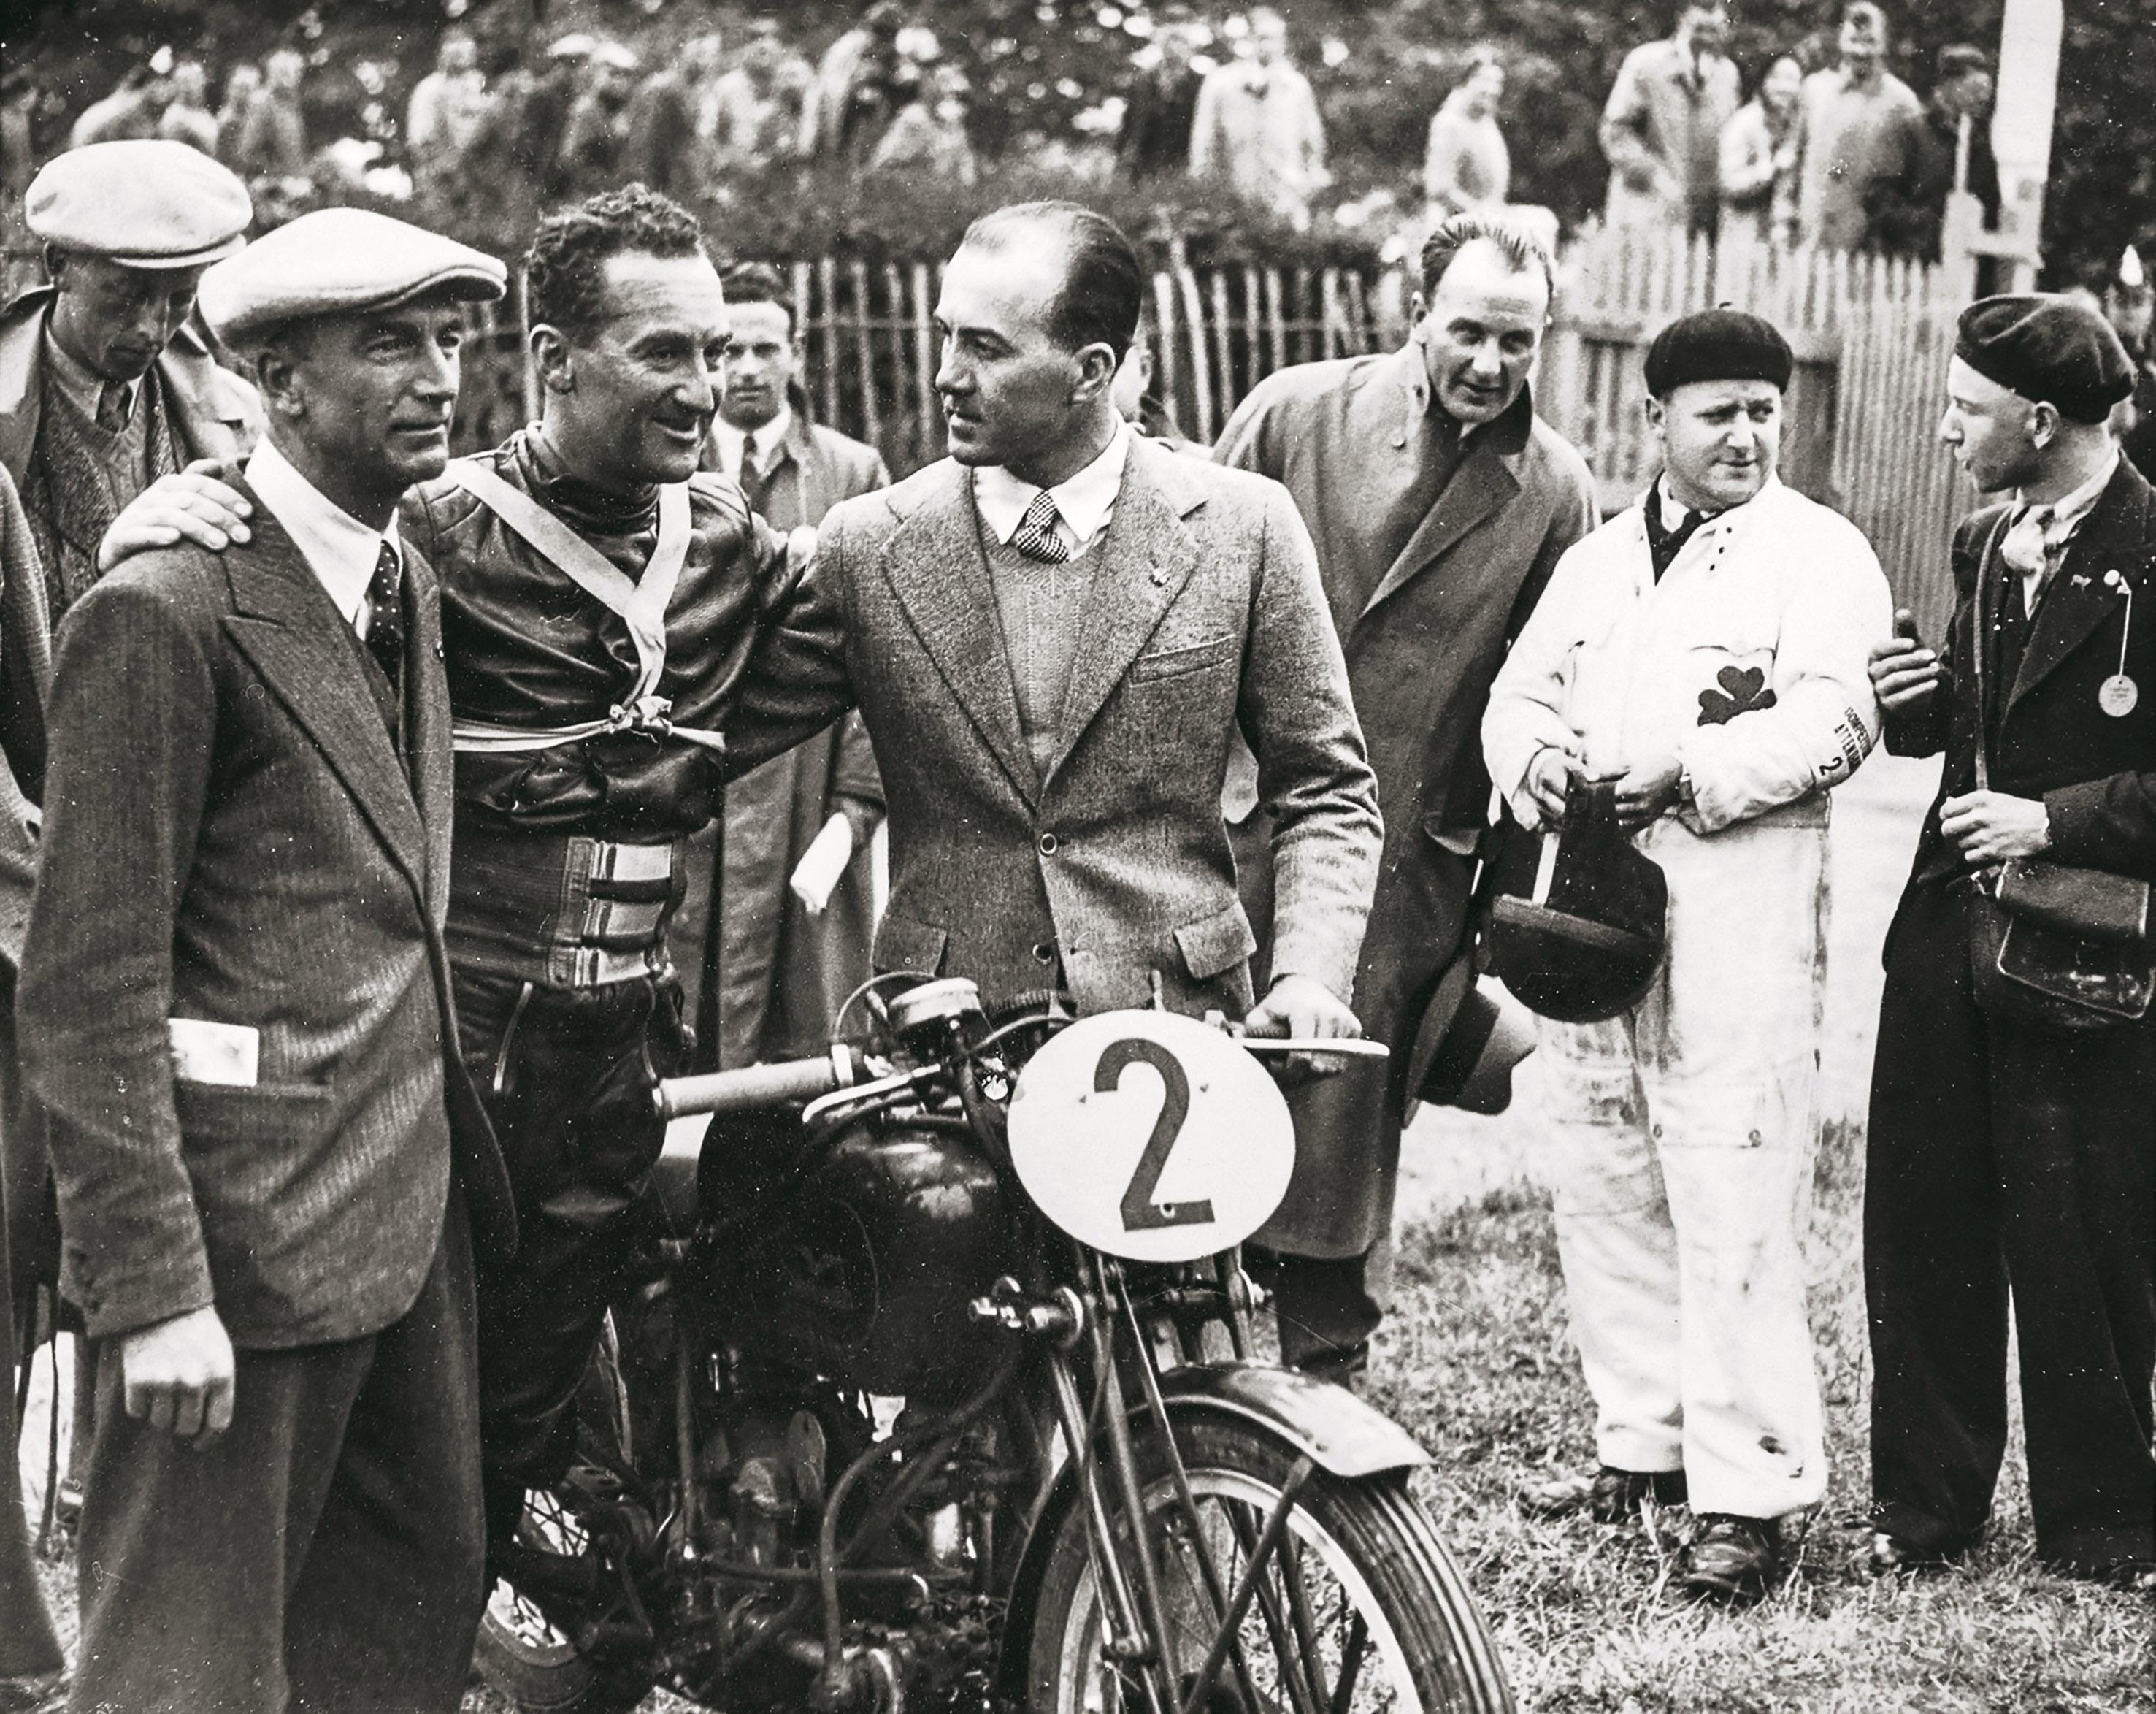 Moto Guzzi festeggia 100 anni, scopri il libro dell'anniversario Tuttoitalia